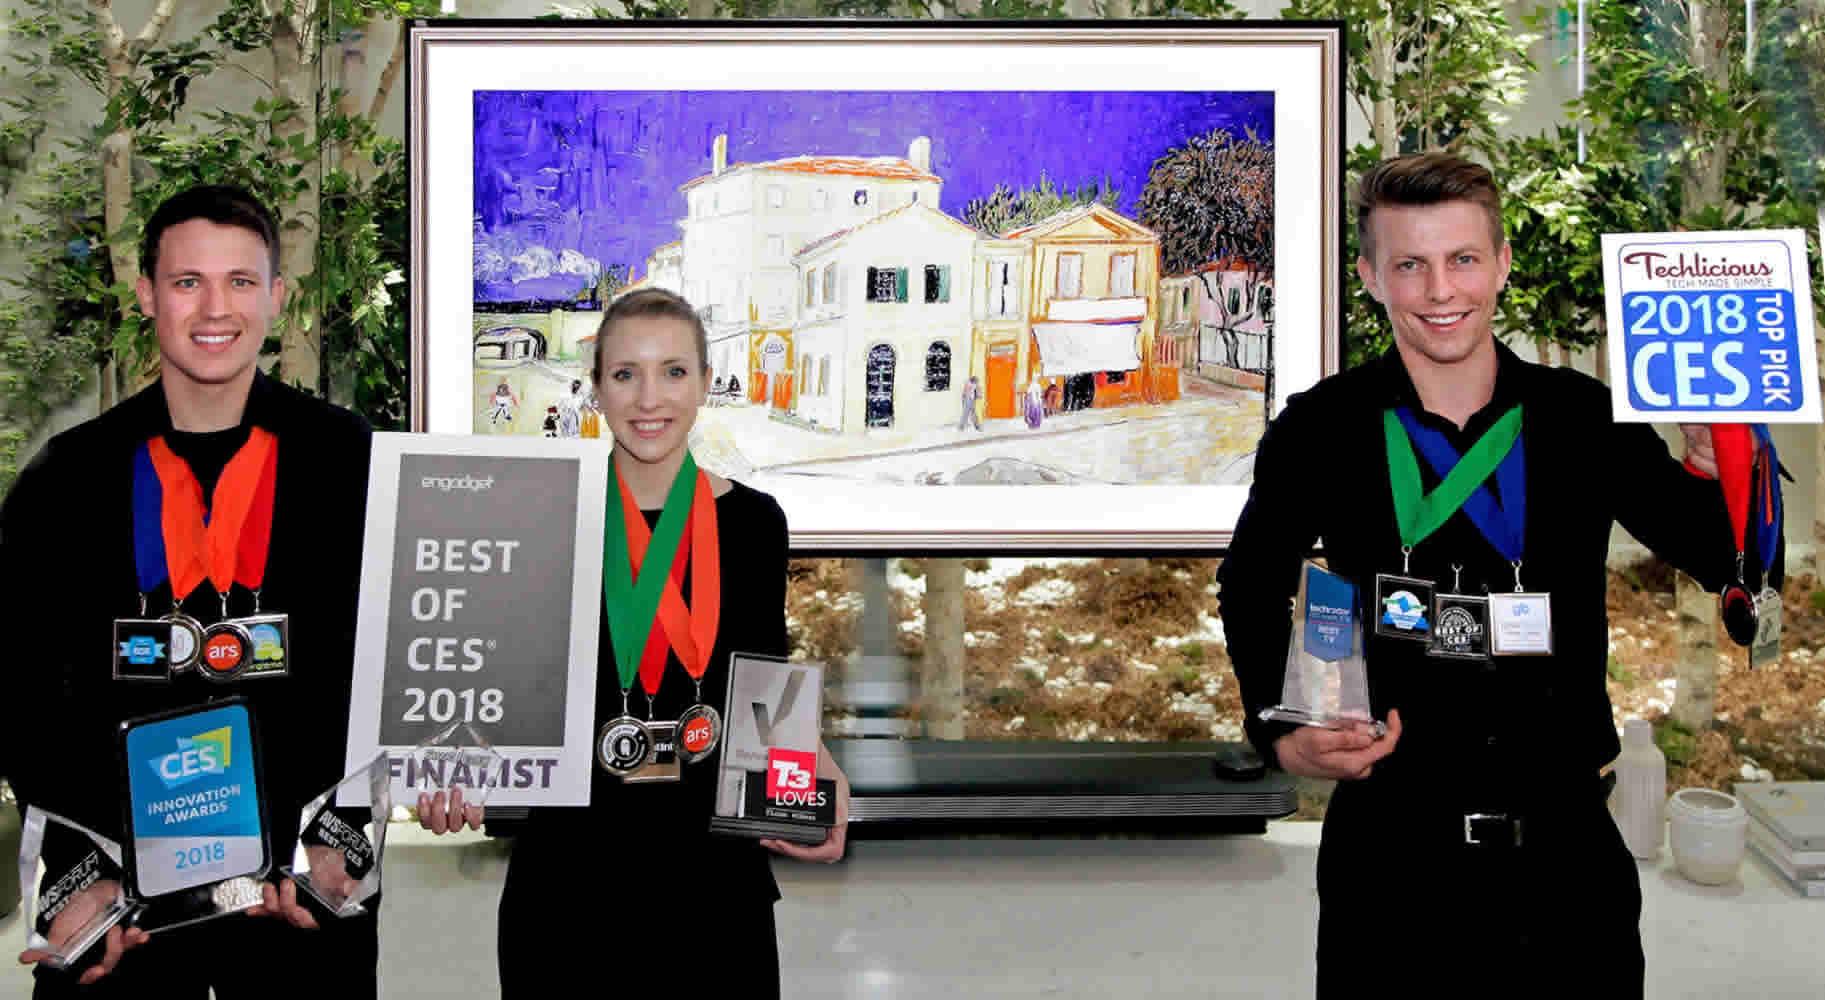 LG Electronics gana más de 90 premios en el ces 2018